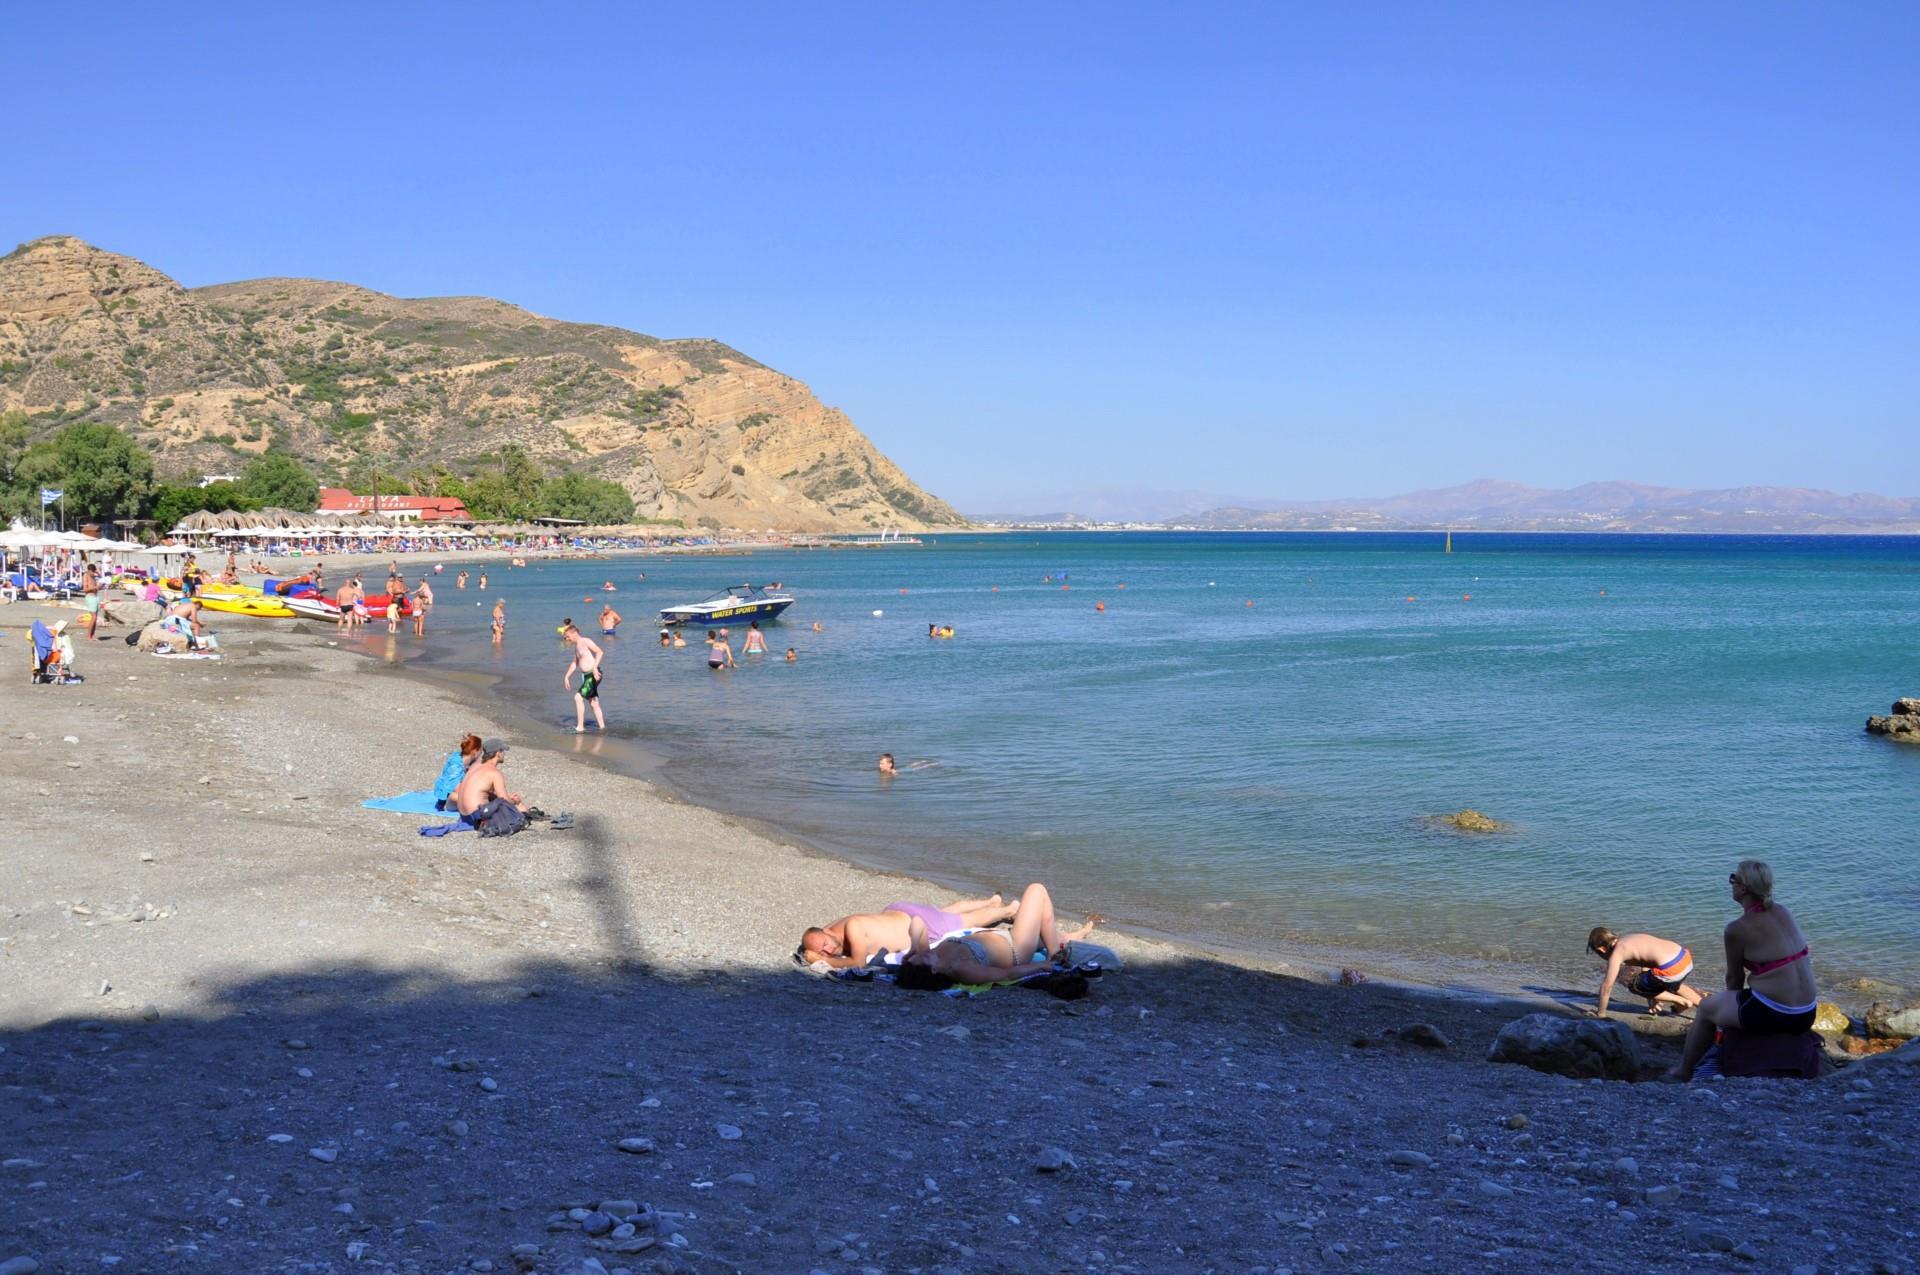 10 malerische Häfen von Kreta - Tourist-Info für die Insel Kreta ...